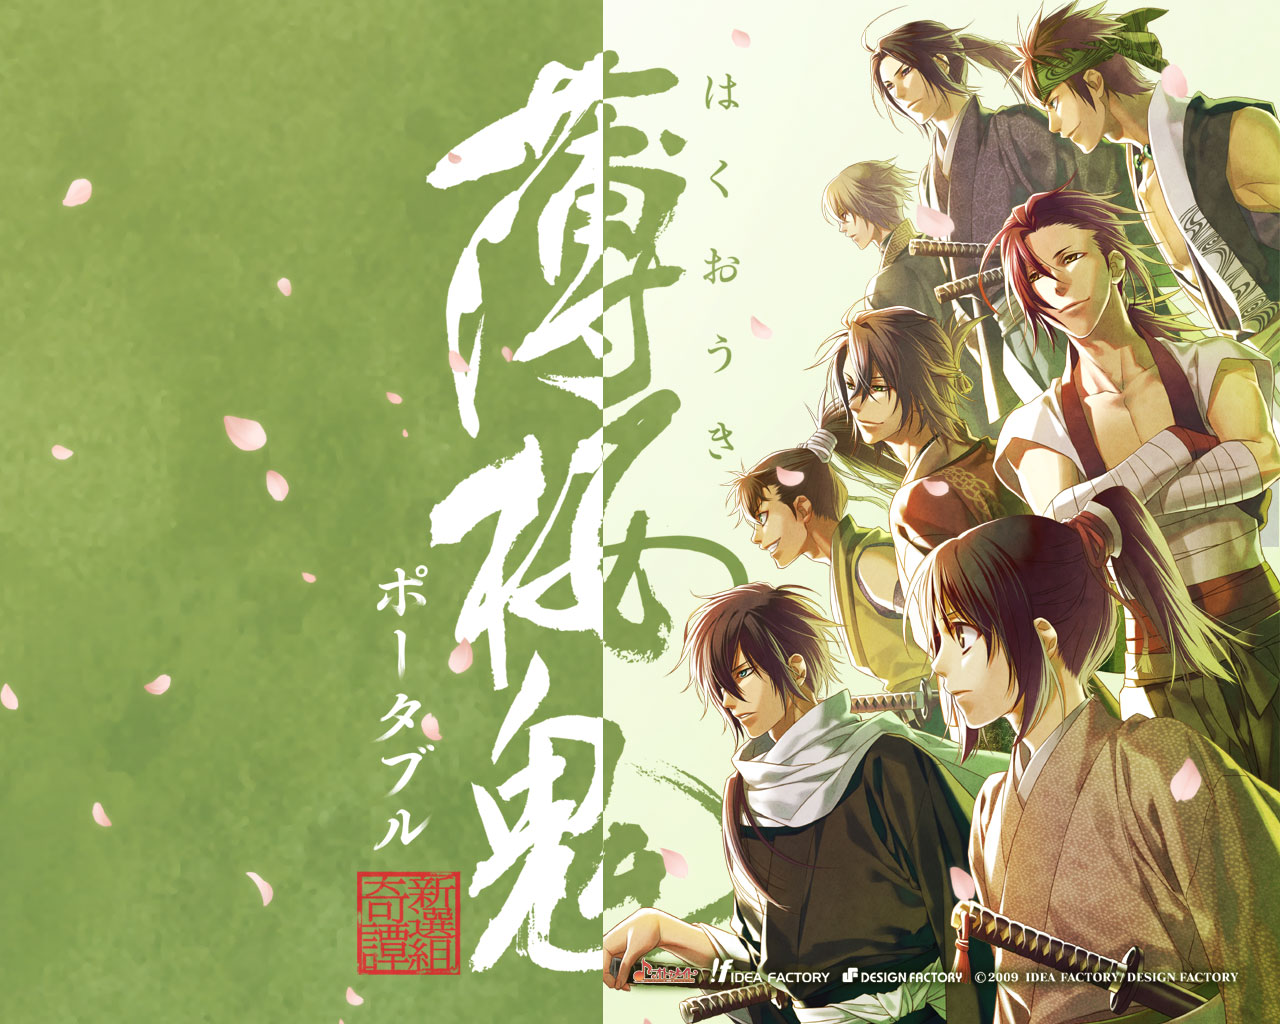 anime  u0026 manga 4 all  hakuouki wallpapers 1280x1024